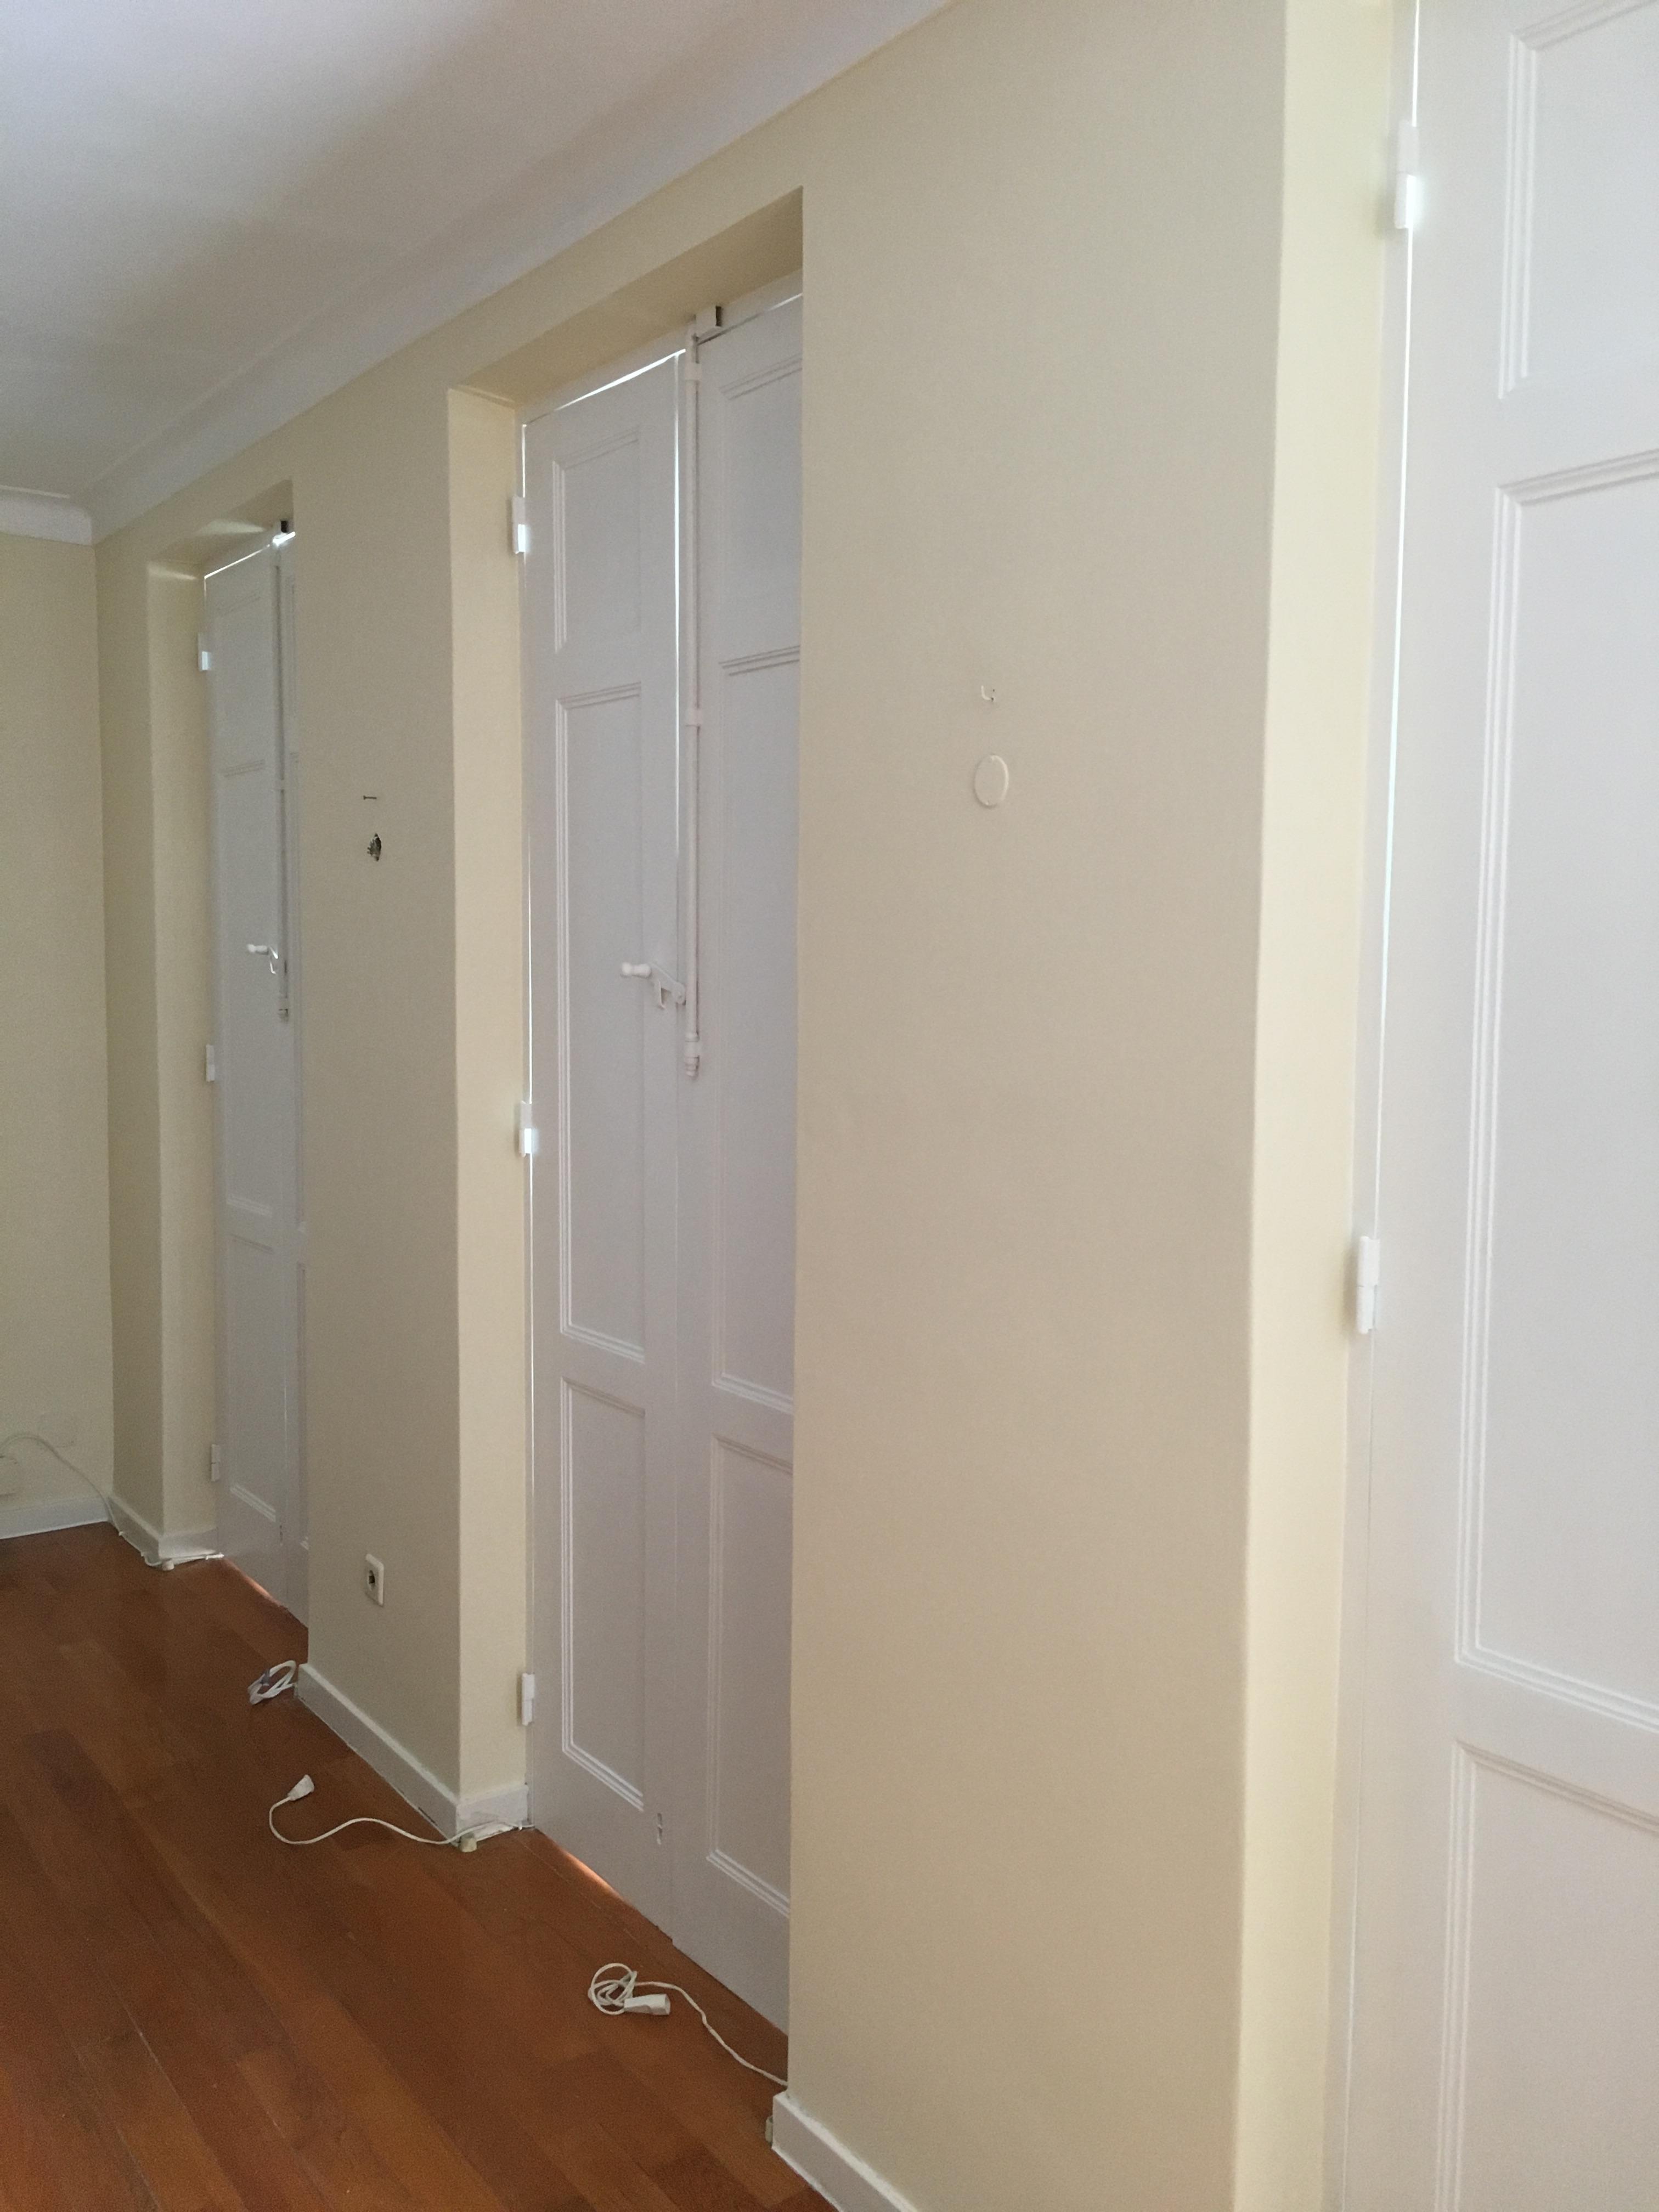 pintura de paredes, tetos e janelas